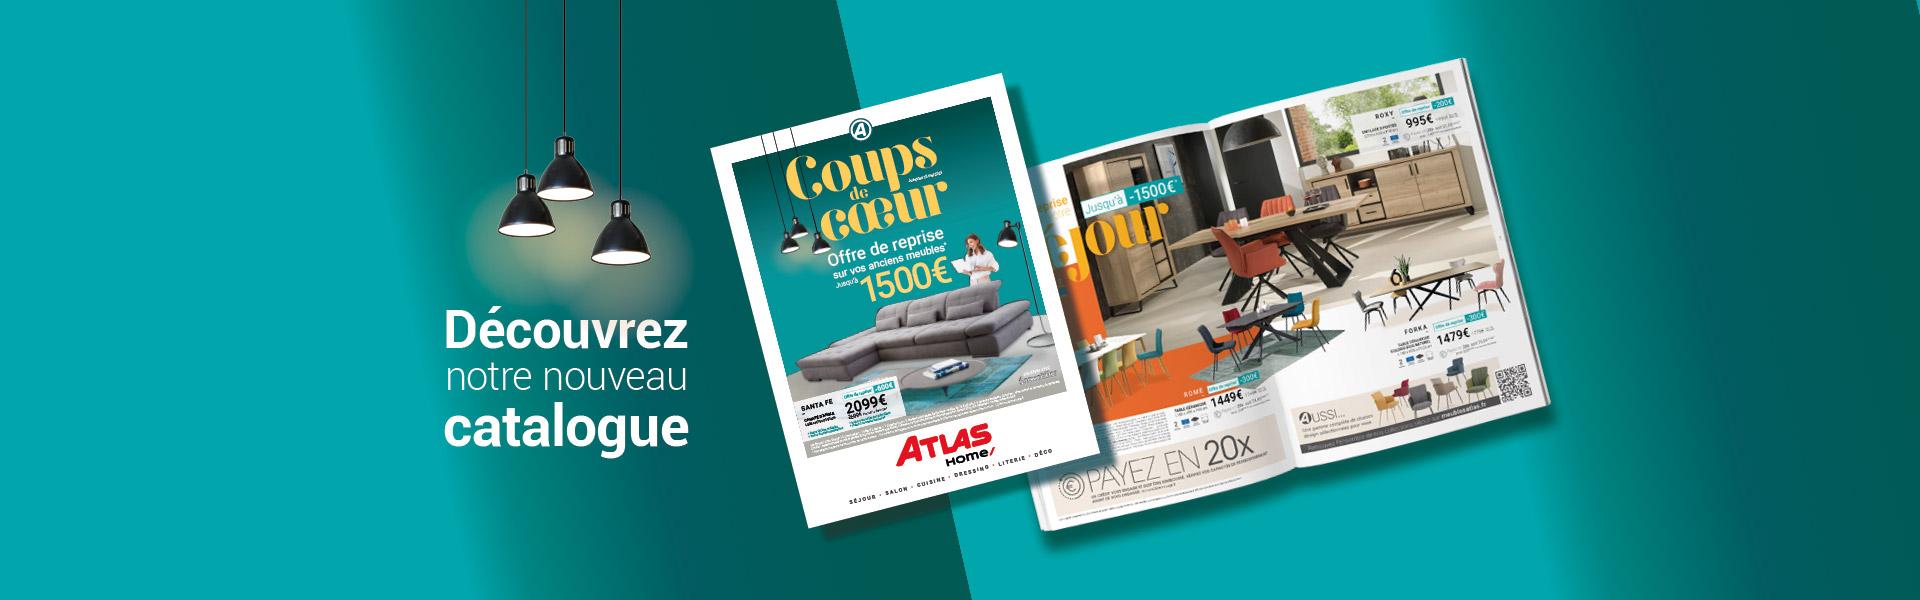 ATL113_Carroussel_COUP_DE_COEUR_1920x6003